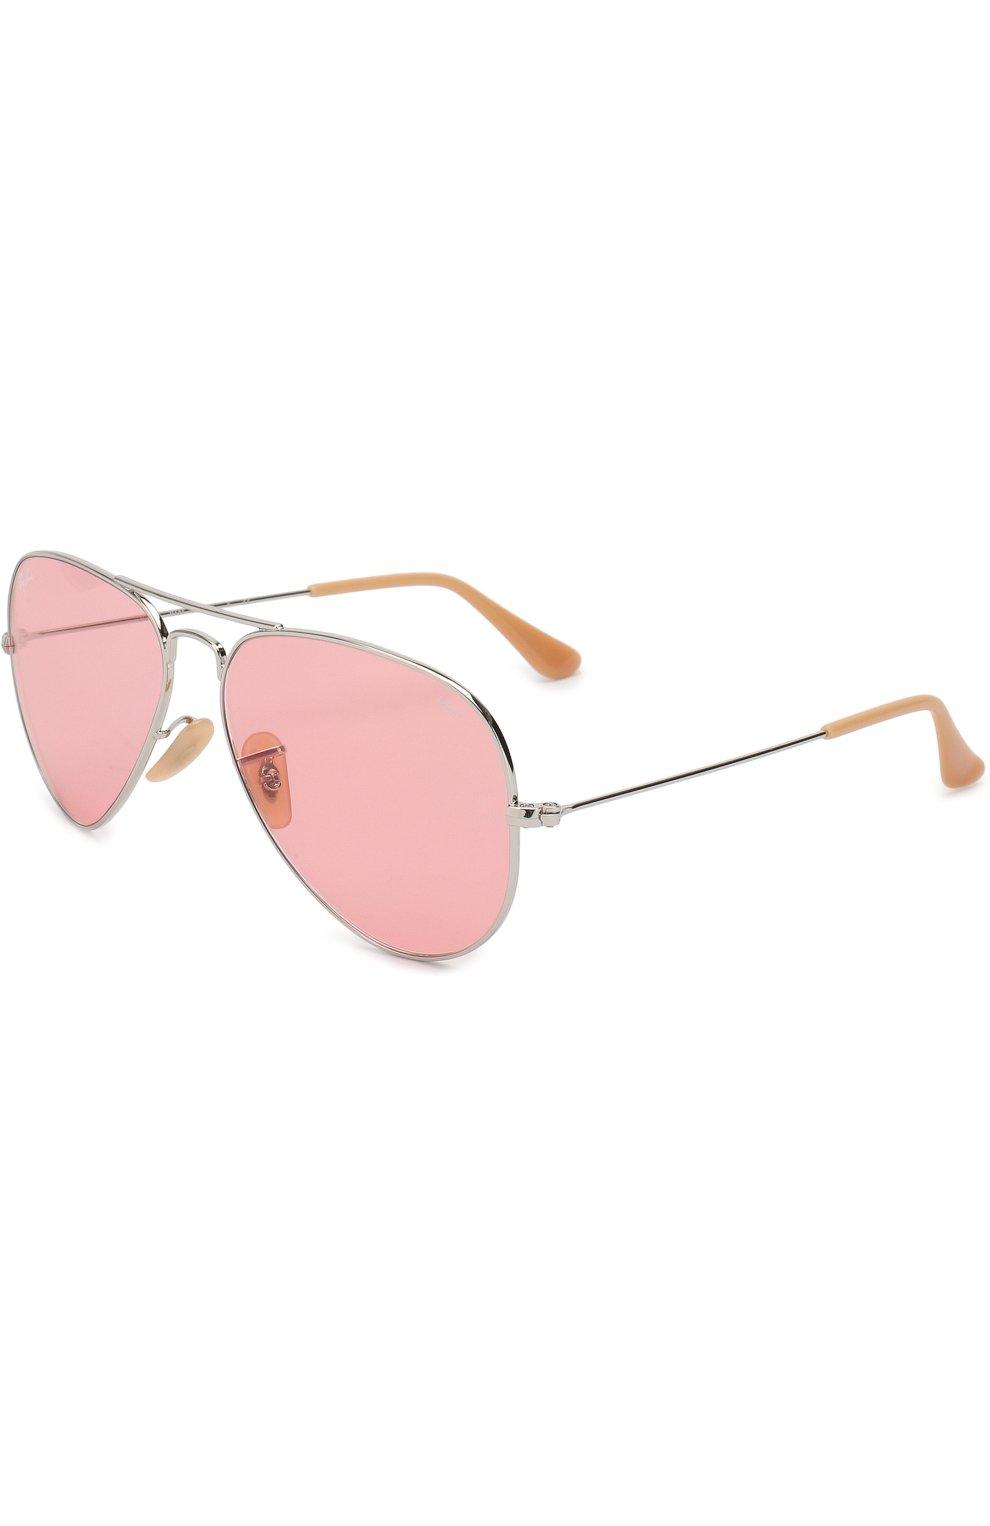 Женские солнцезащитные очки RAY-BAN розового цвета, арт. 3025-9065V7 | Фото 1